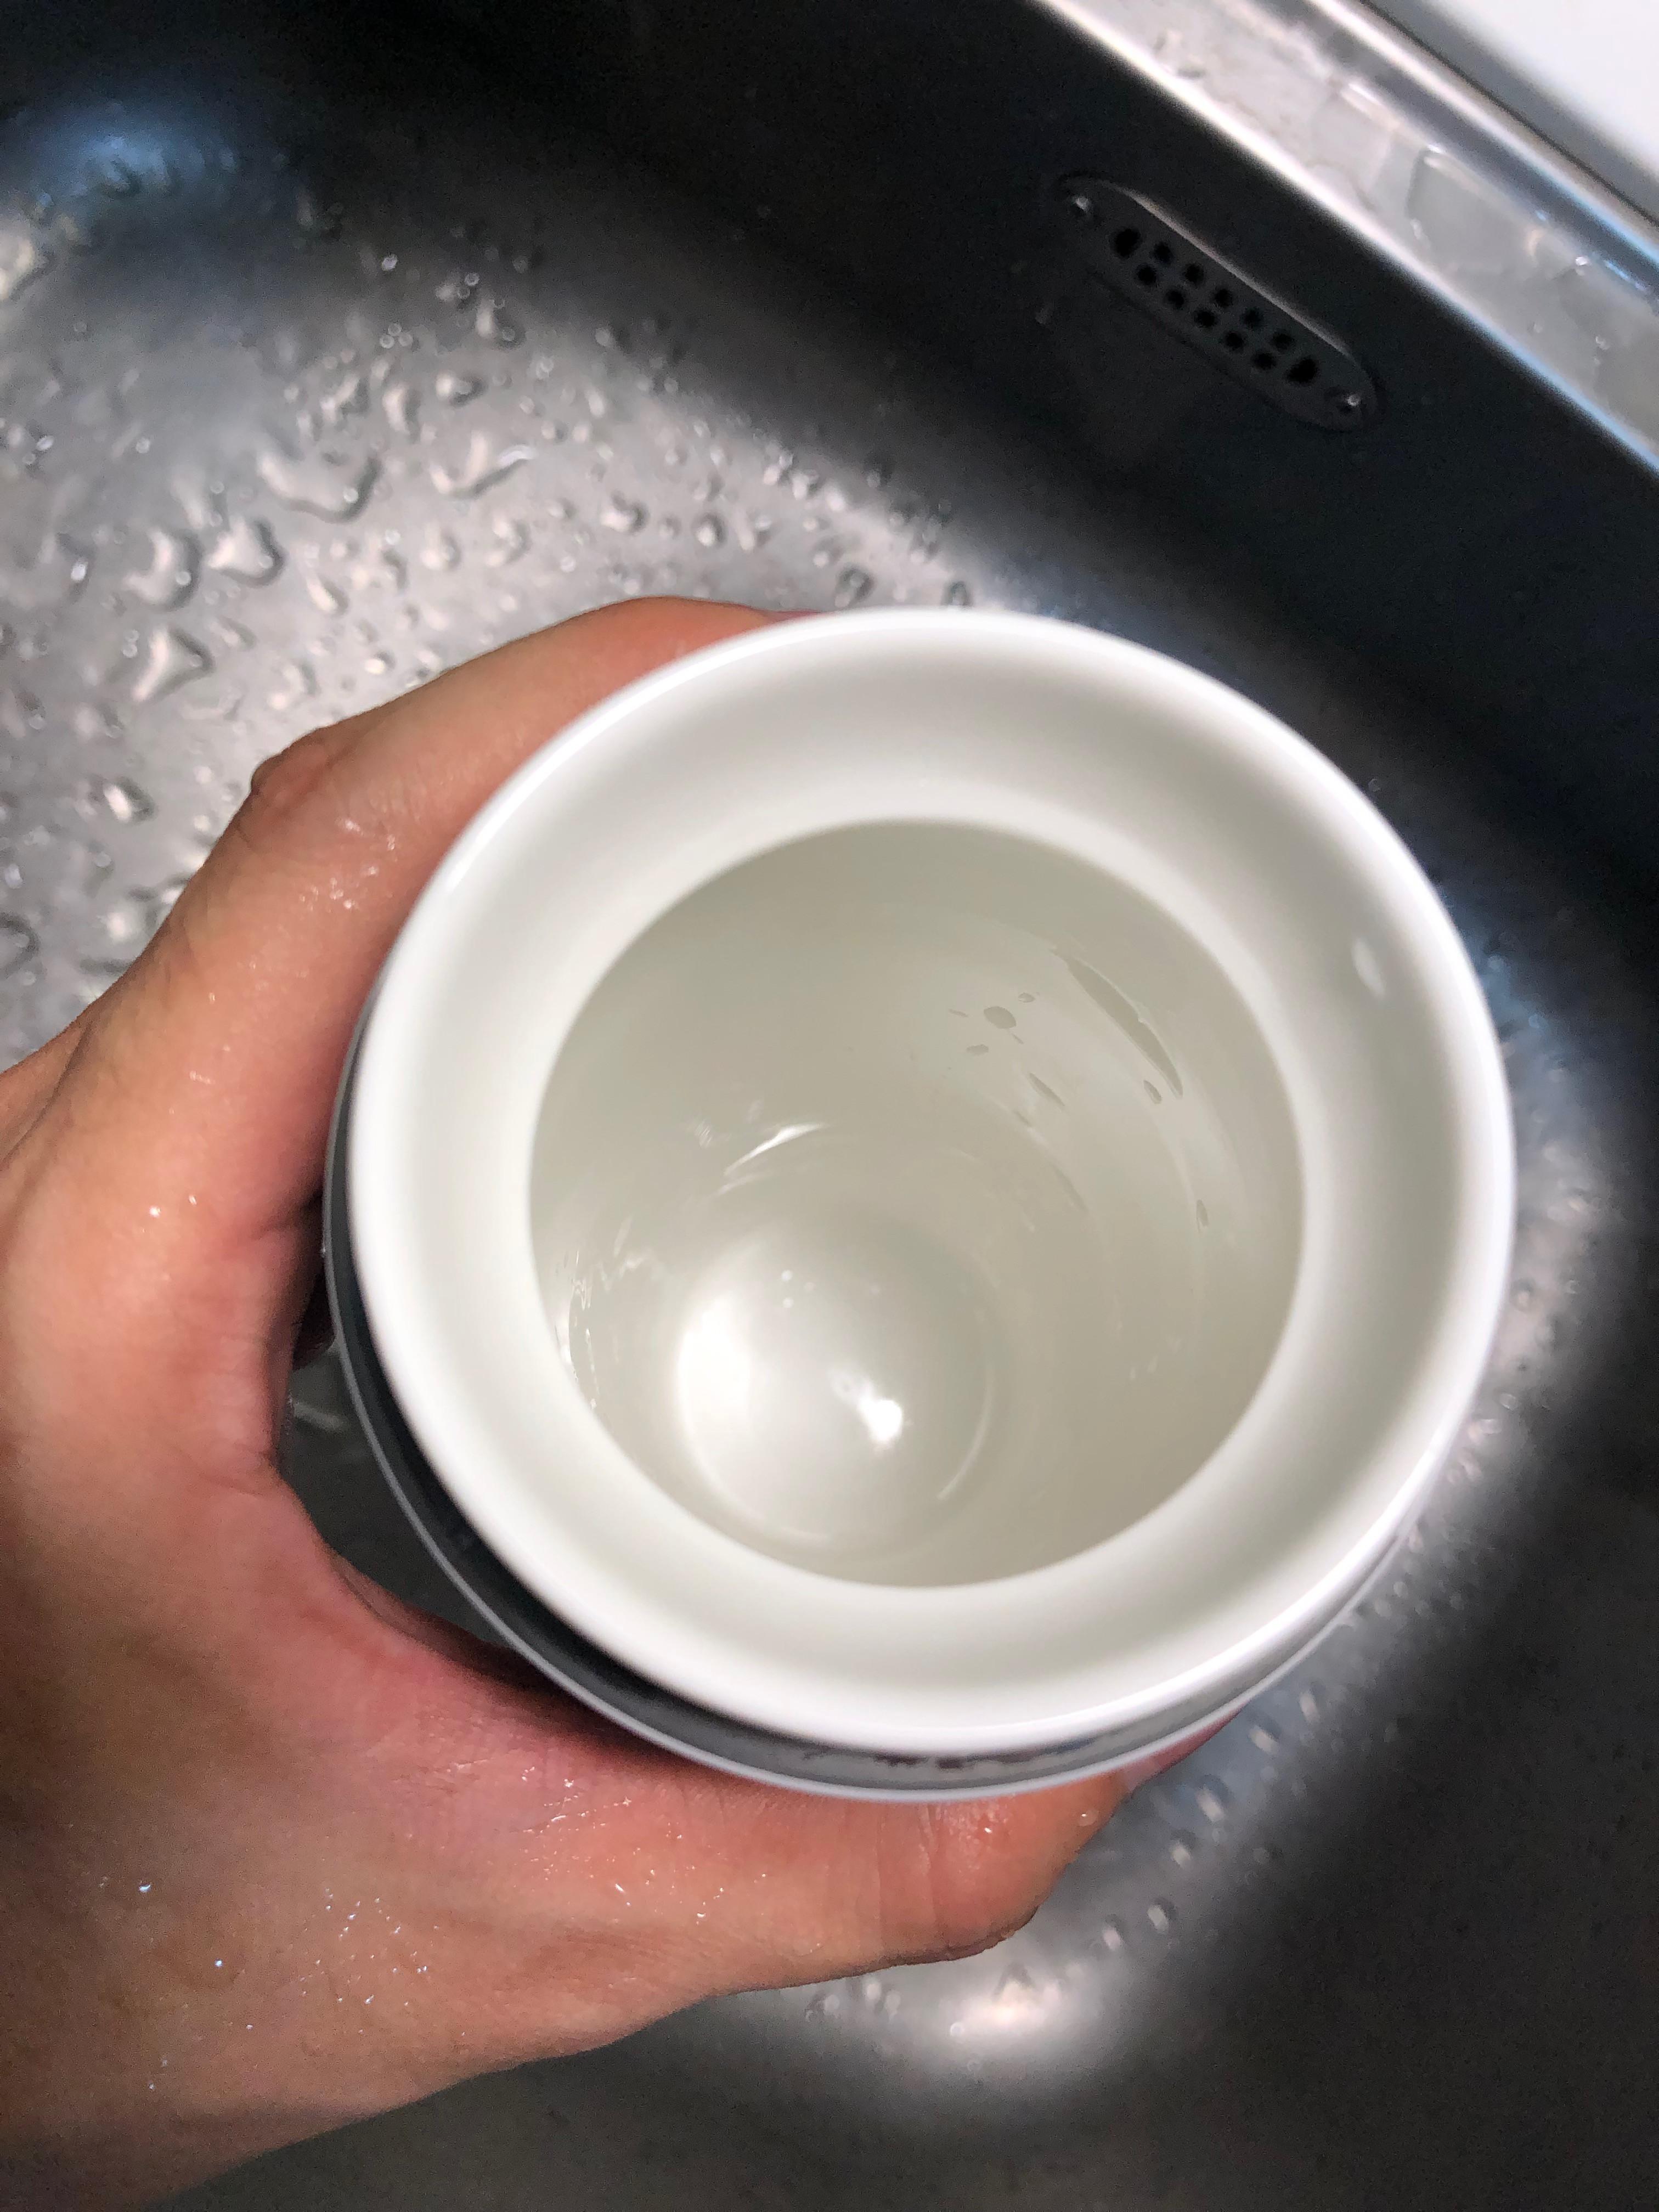 天鵝SWANZ陶瓷保溫彈跳杯 讓你展翅高飛每一天!的第 5 張圖片